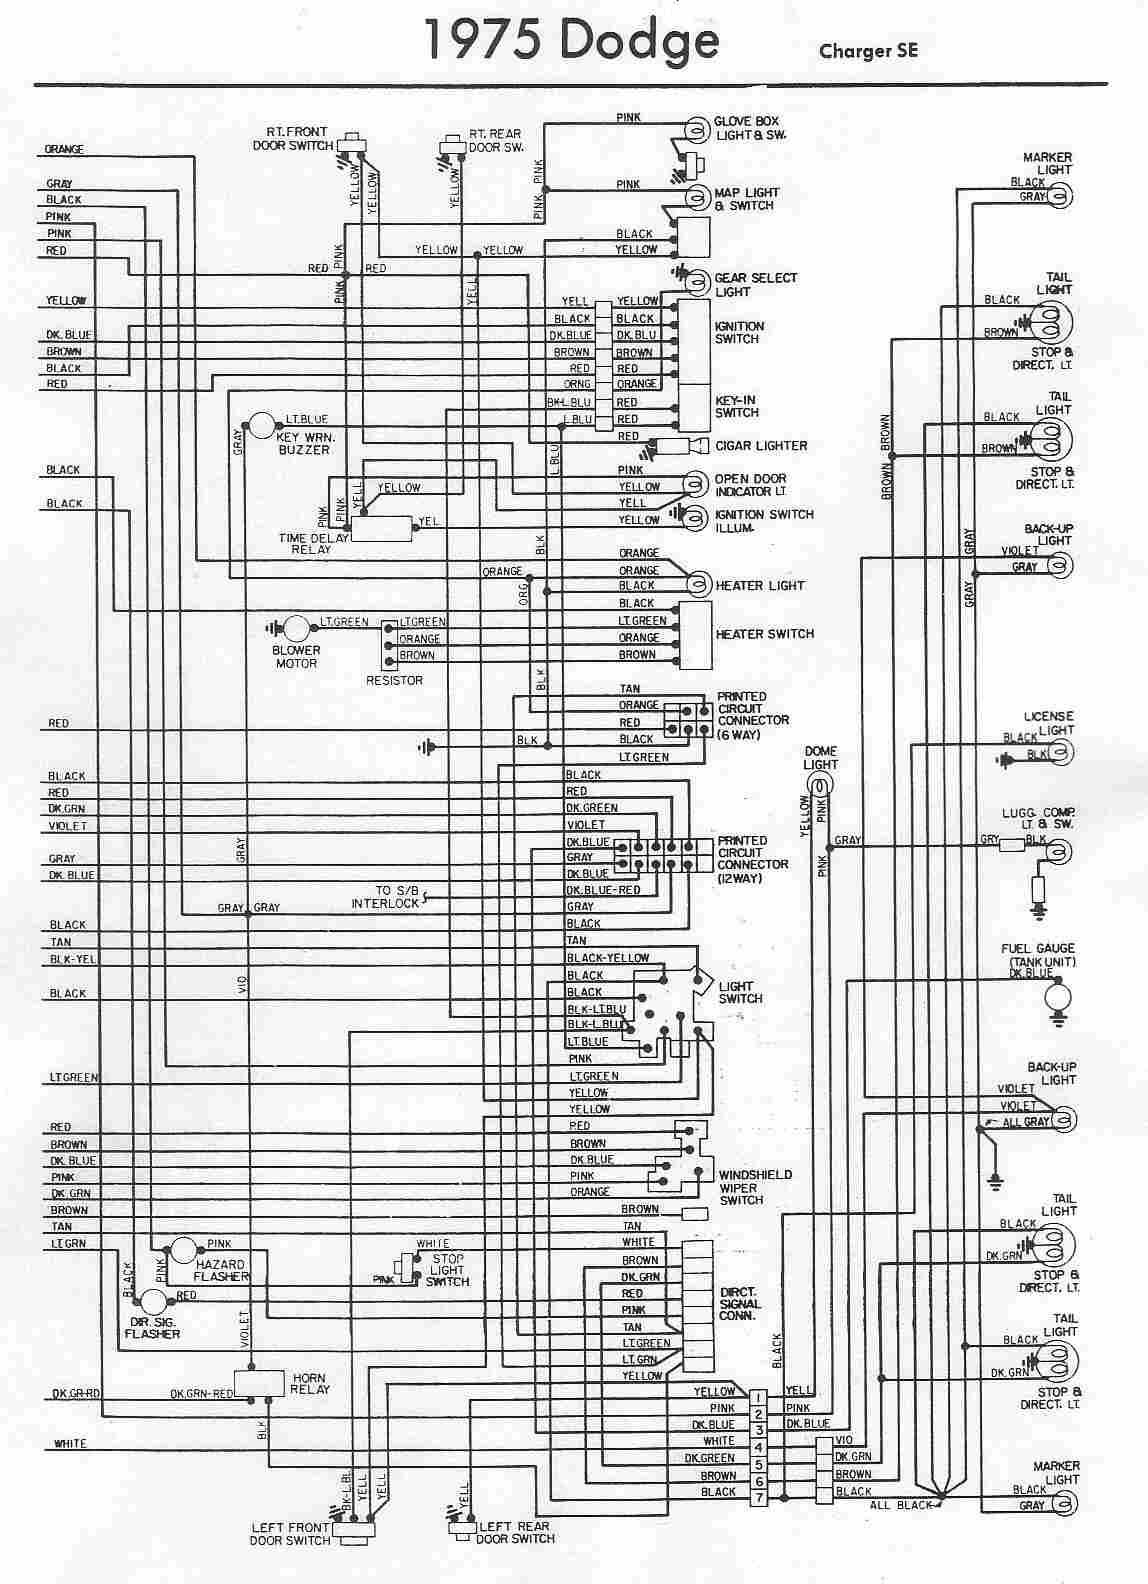 1976 dodge wiring diagram wiring diagram blog 76 dodge wiring diagram [ 1148 x 1584 Pixel ]